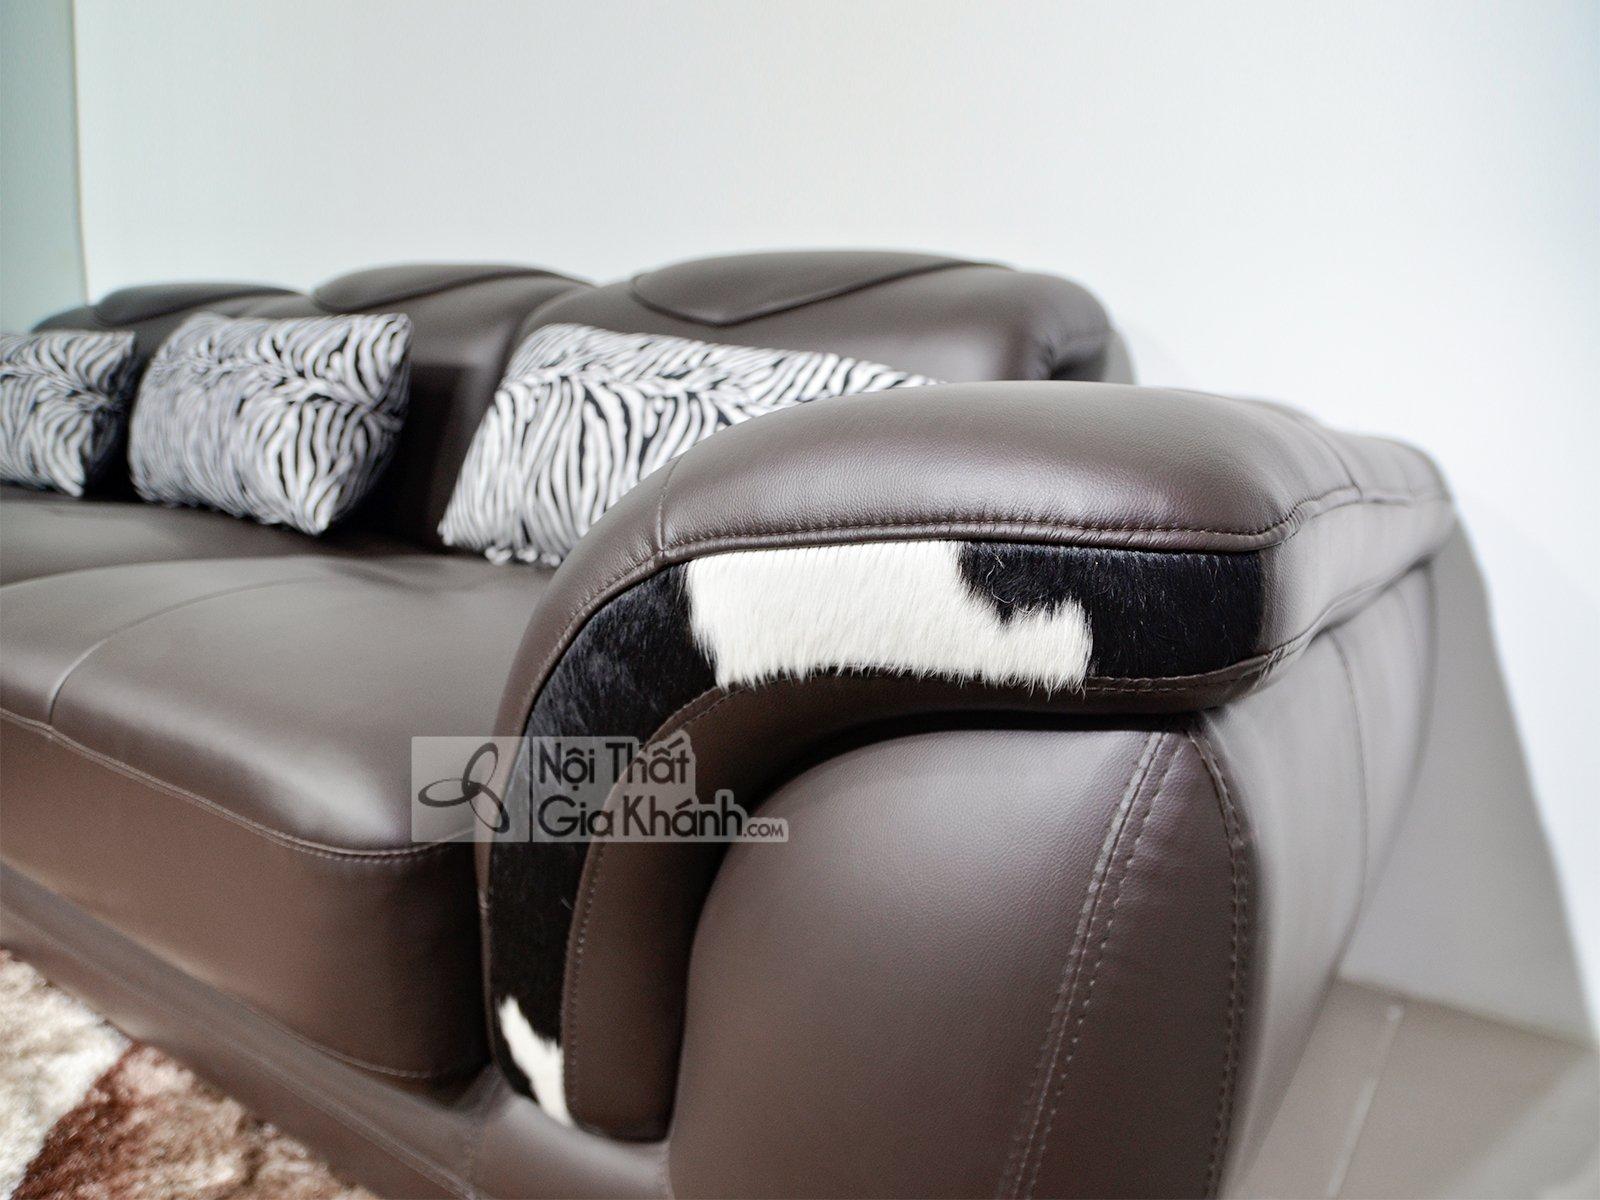 sofa da nau cafe 2 bang goc trai 9193n sf 4 - Sofa da hiện đại cho phòng khách SP0919-2-A1